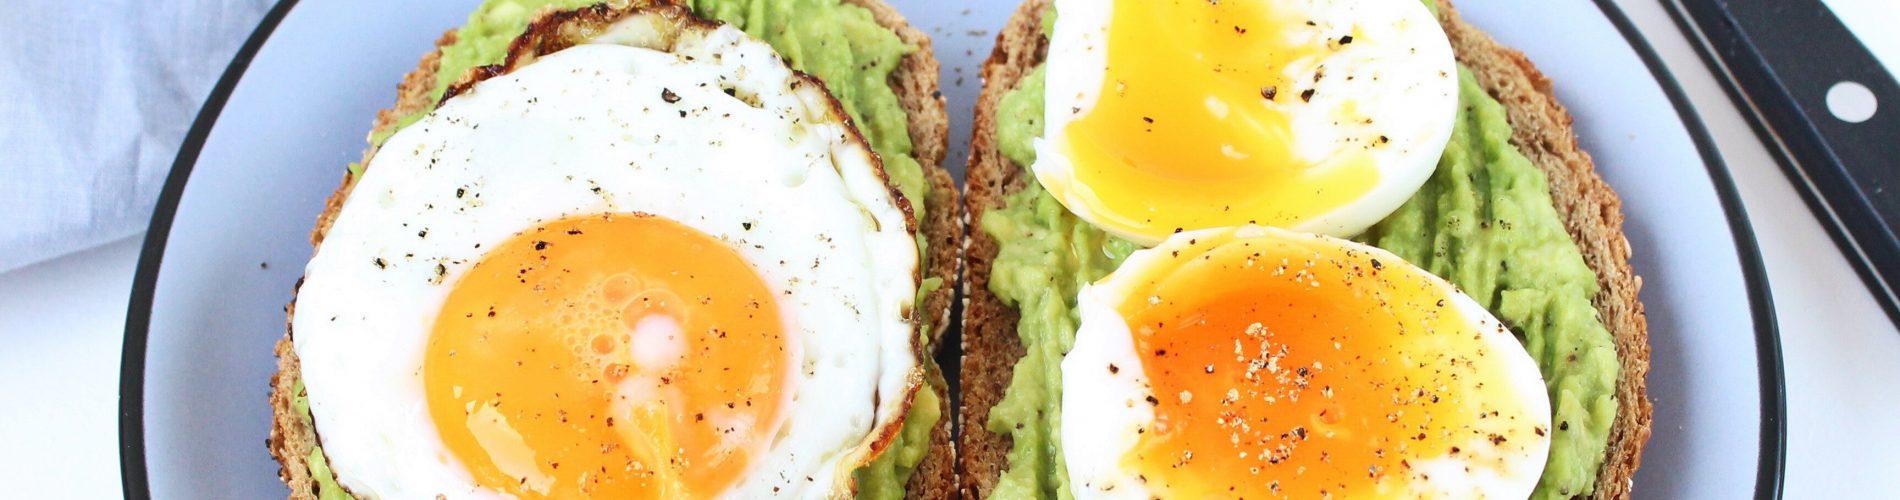 Ontbijt / lunch | toast met avocado en ei